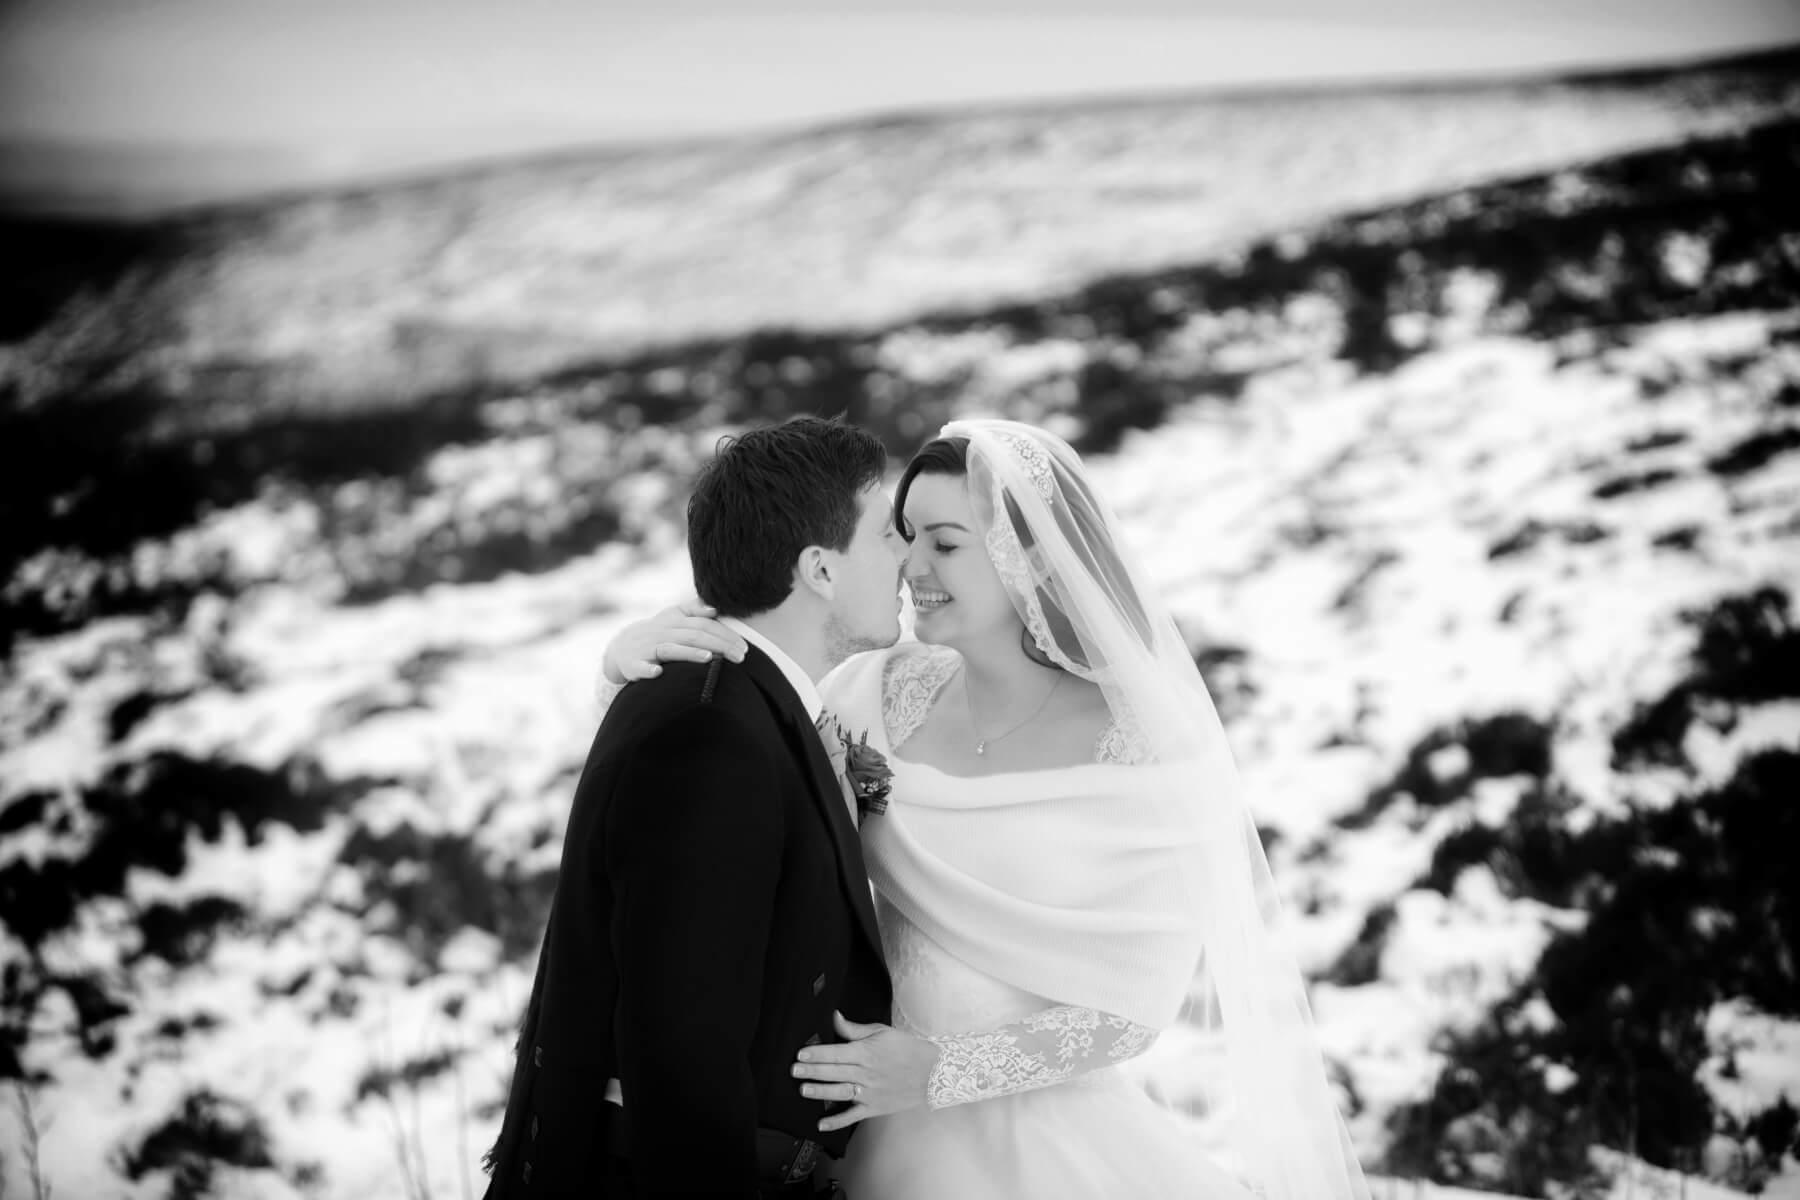 Scottish snowy wedding